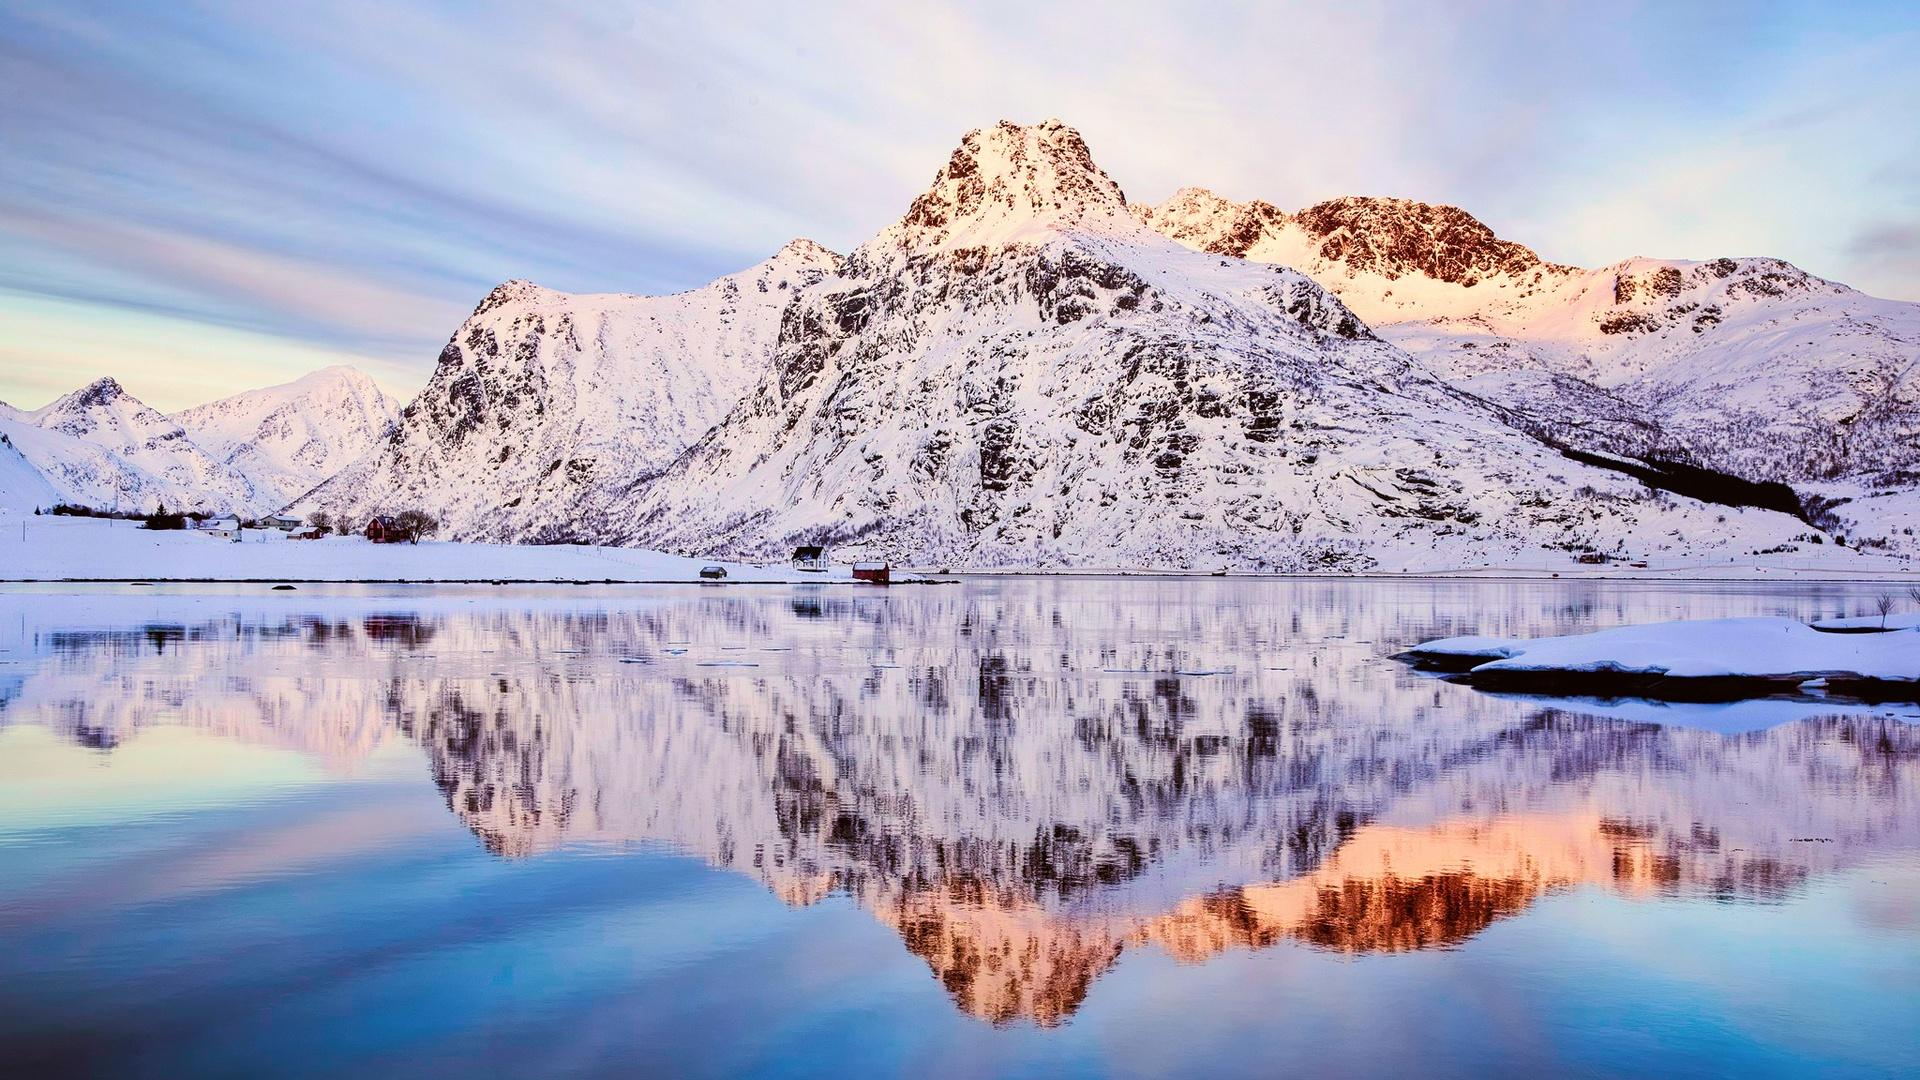 winter snow lake mountain - photo #17